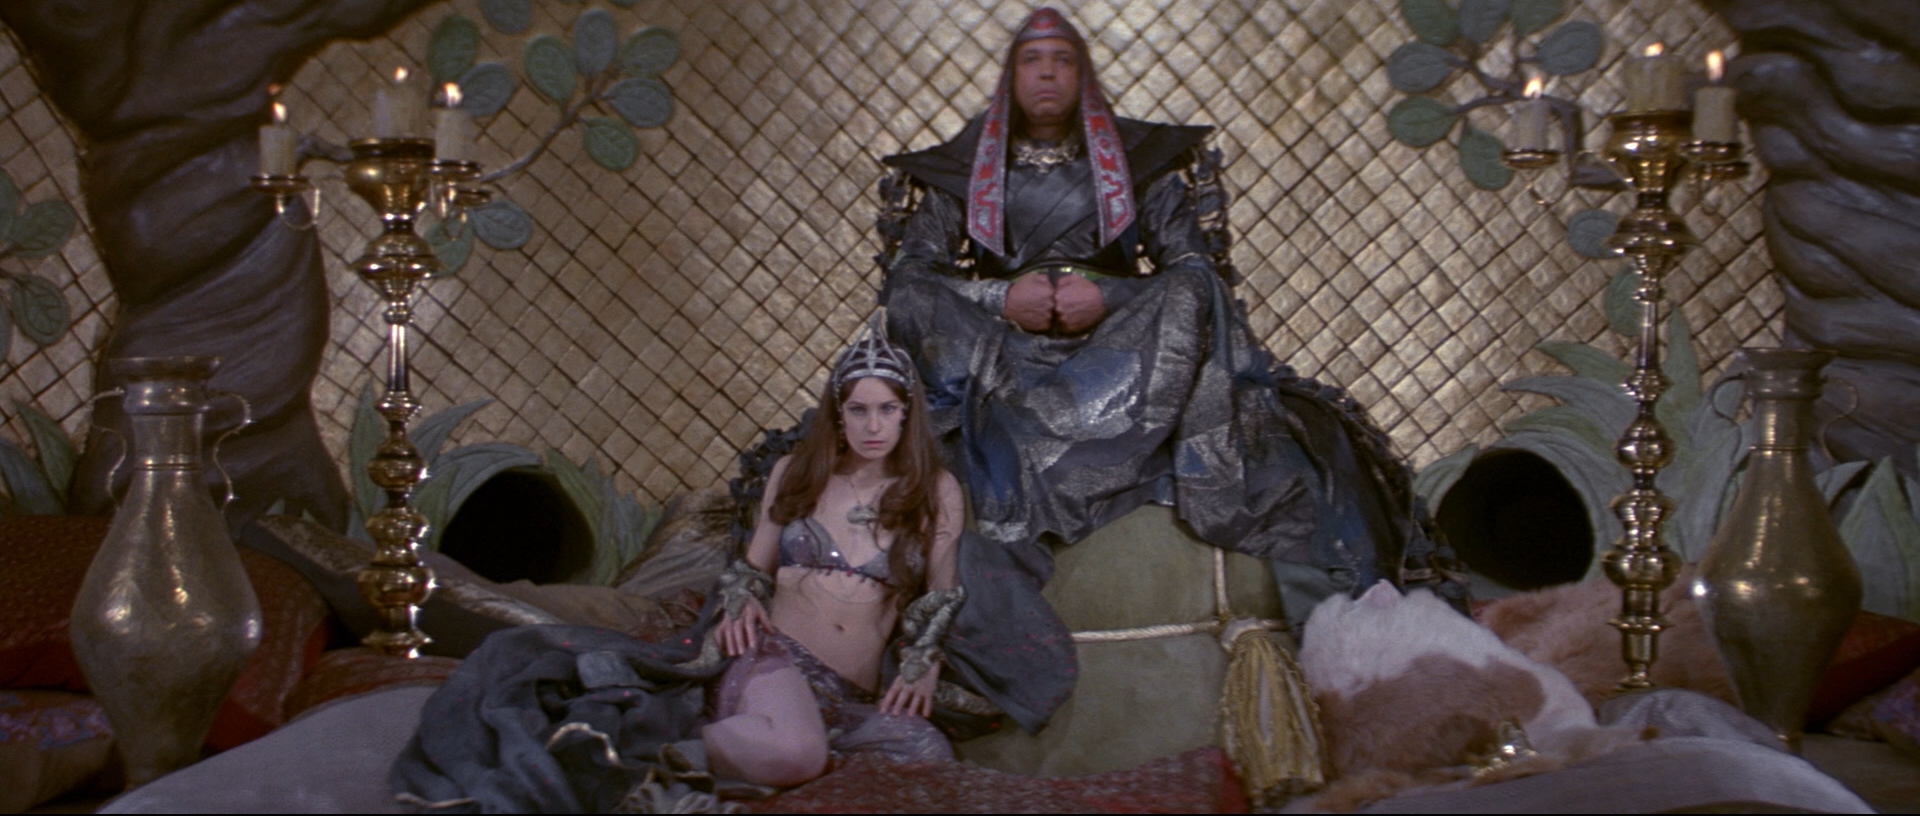 фильм белые рабыни девственницы